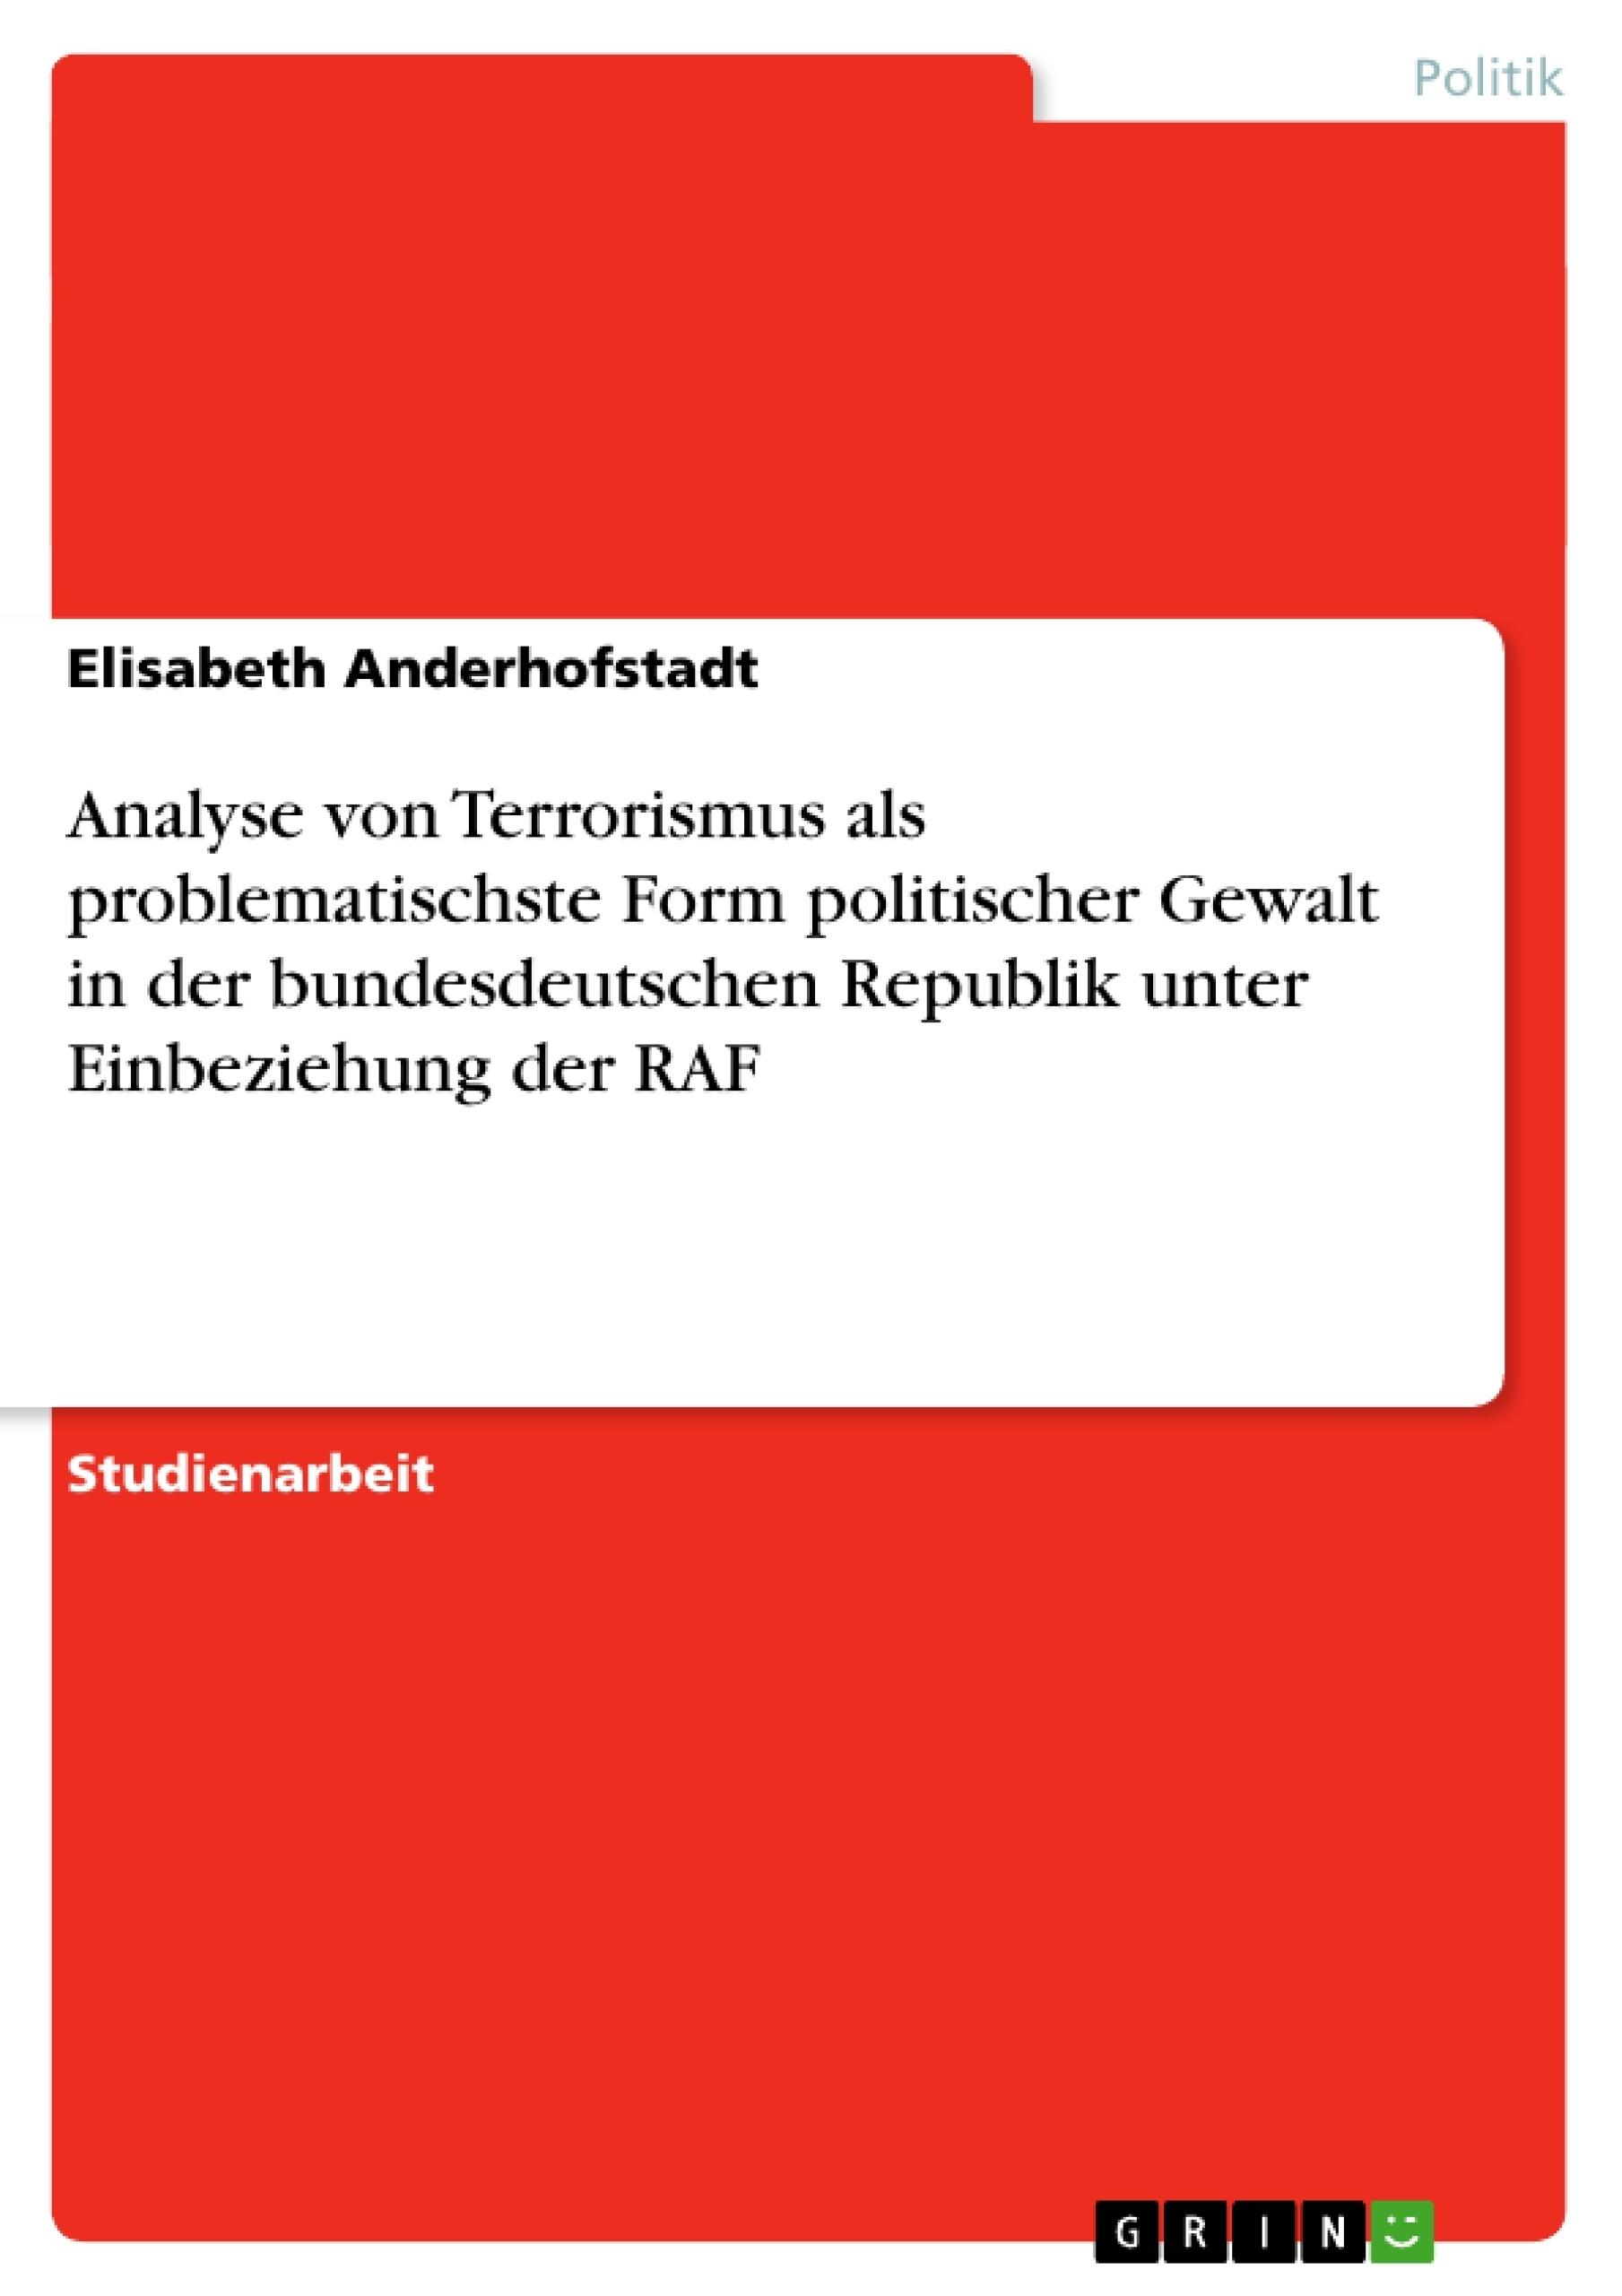 Titel: Analyse von Terrorismus als problematischste Form politischer Gewalt in der bundesdeutschen Republik unter Einbeziehung der RAF